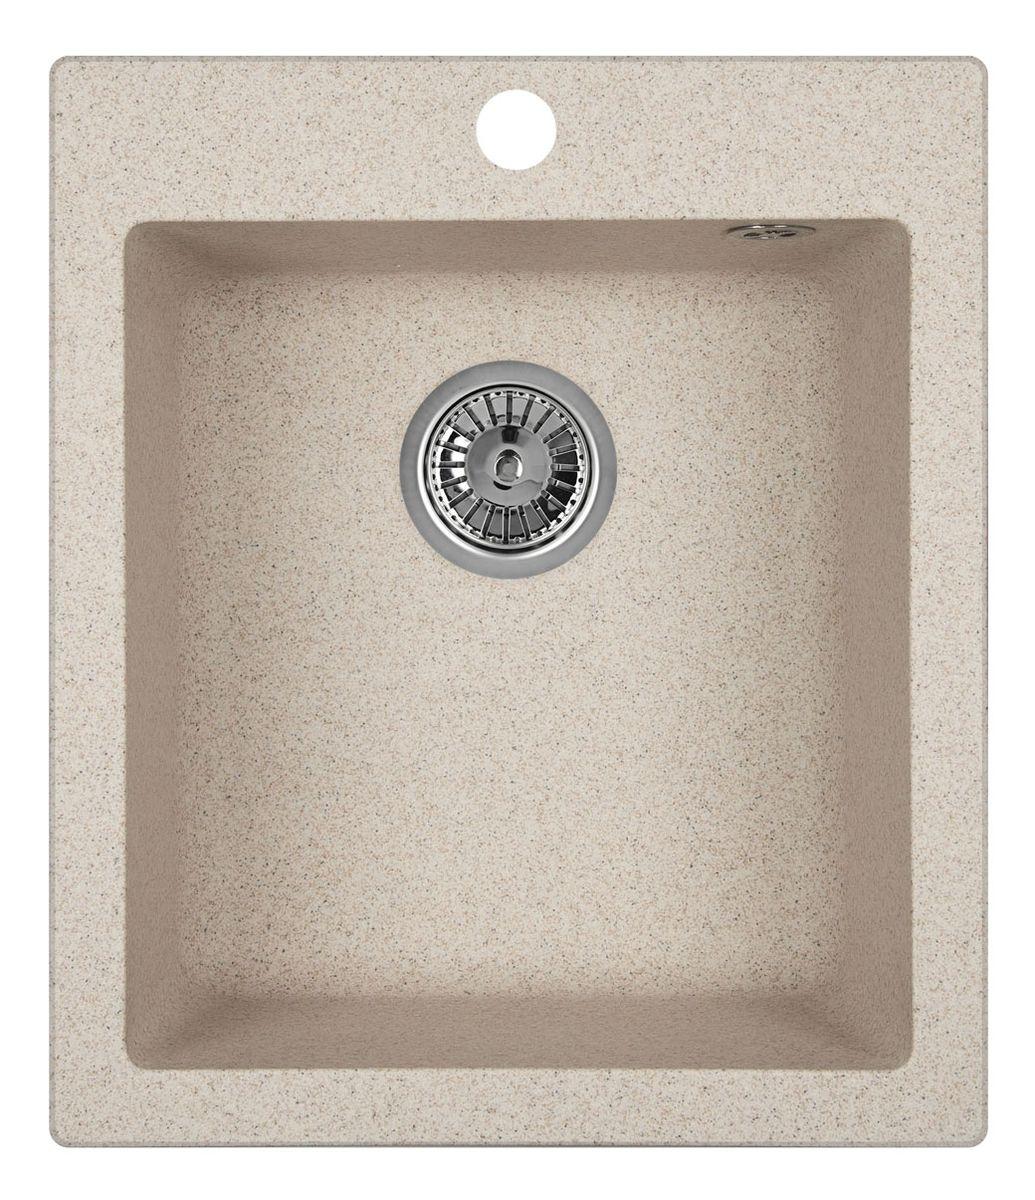 Мойка Weissgauff Quadro 420 Eco Granit, цвет: песочный, 41,5 х 19,5 х 49,0 см306173Гранитные мойки Weissgauff Eco Granit – классическая коллекция моек, изготовленных из специально подобранных композитных материалов , содержащих оптимальное сочетание 80% каменной массы высокого качества и 20% связующих материалов. Оригинальный и функциональный дизайн - технология изготовления позволяет создавать любые цвета и формы, оптимальные для современных кухонь. Мойки Weissgauff легко подобрать к интерьеру любой кухни, для разных цветов и форм столешниц Влагостойкость - отталкивание влаги – одна из примечательных особенностей моек из искусственного камня за счет связующих композитных материалов, которые продлевают их срок службы и способствуют сохранению первоначального вида Термостойкость - подвергая мойки воздействию высоких температур, например, различными горячими жидкостями, будьте уверенны, что мойки Weissgauff – эталон стойкости и качества, так как они устойчивы к перепаду температур. Специальный состав моек Weisgauff избавляет от проблемы...